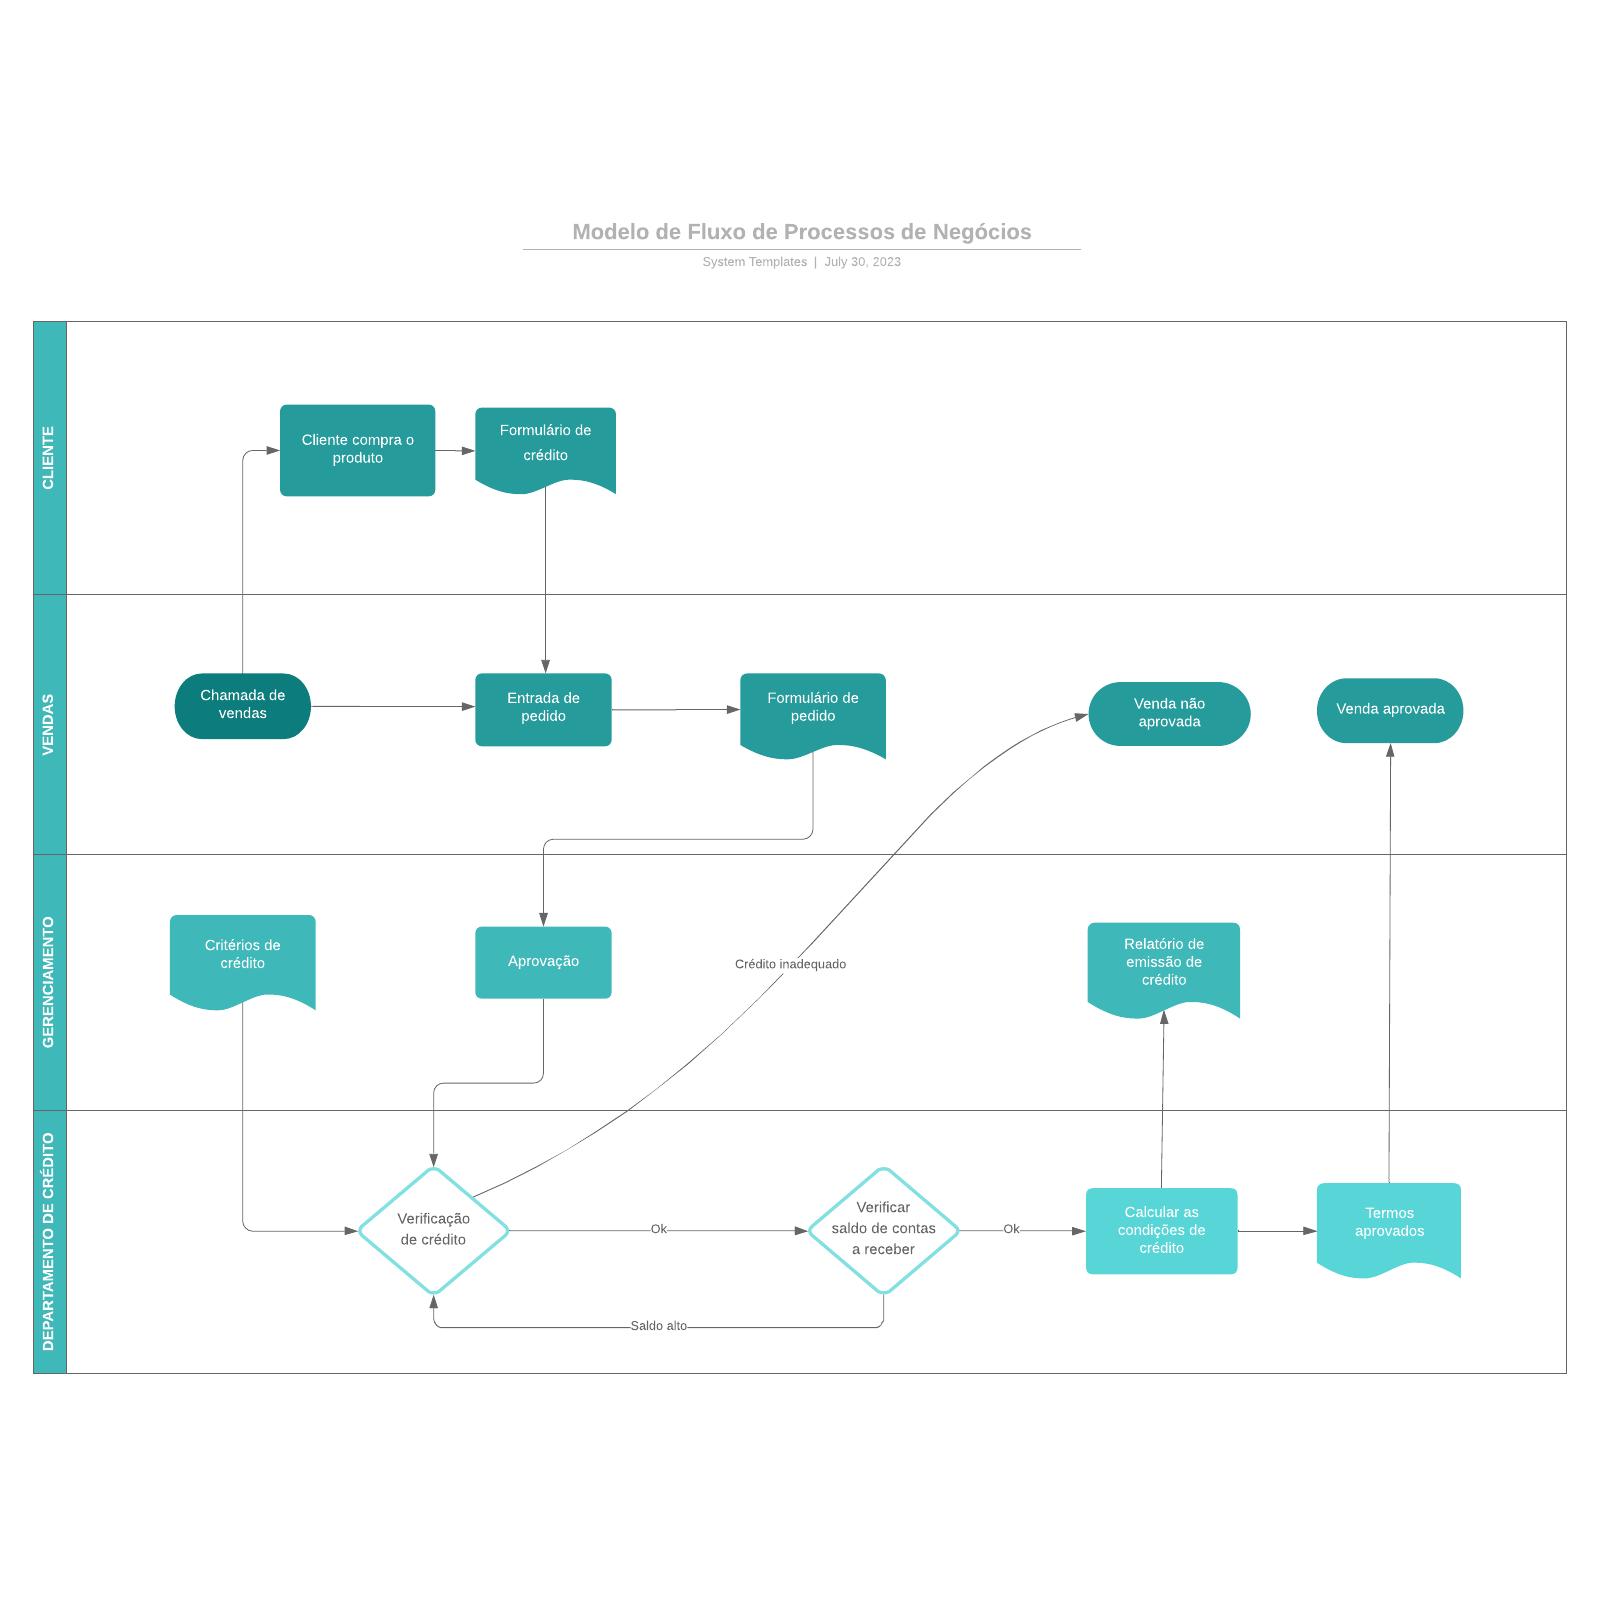 Modelo de Fluxo de Processos de Negócios